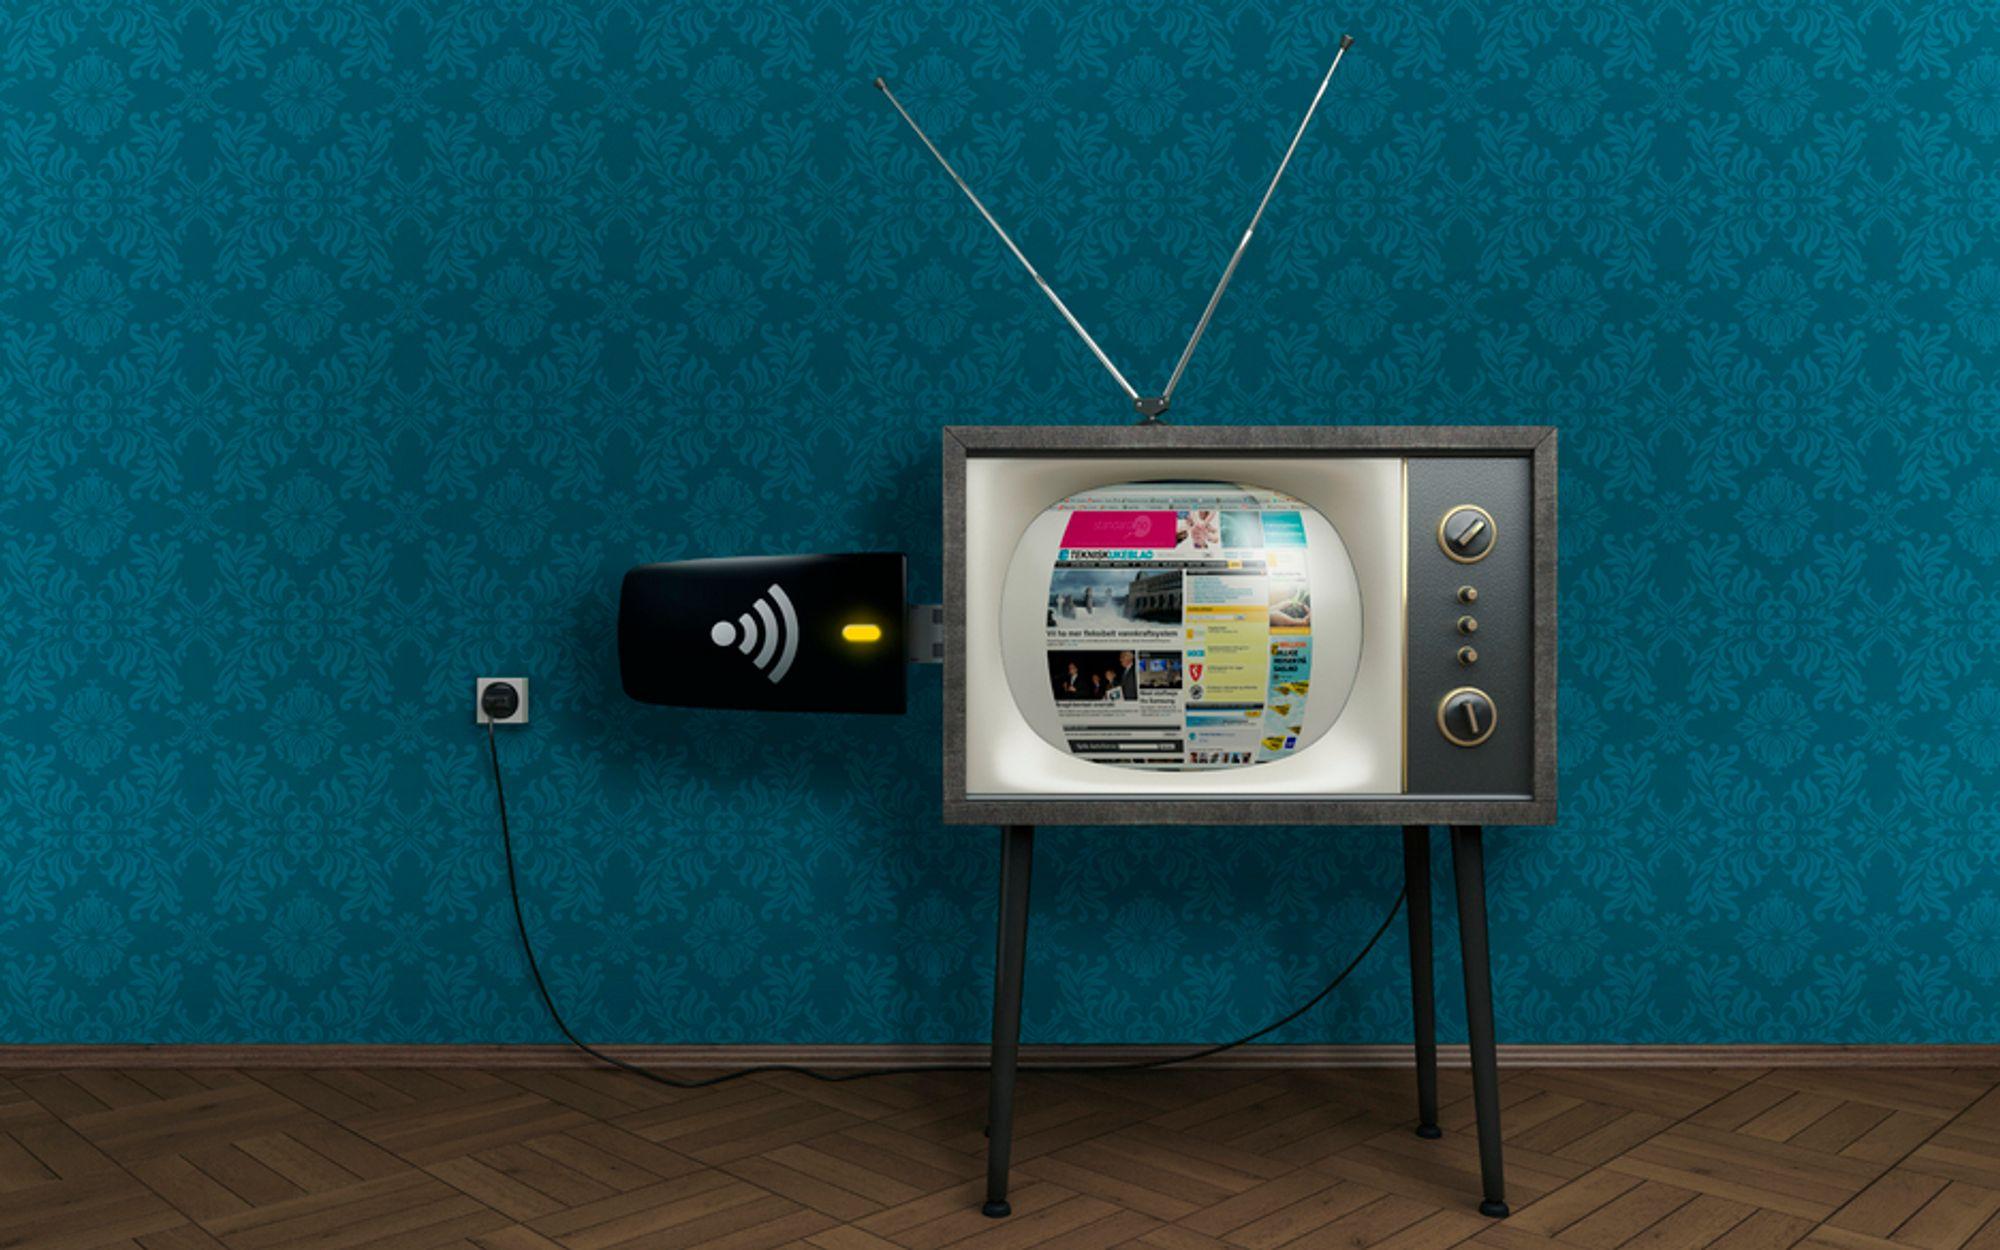 Nå er det endelig klart hvem som får tilgang til de tidligere tv-frekvensene, som skal brukes til mobilt bredbånd.